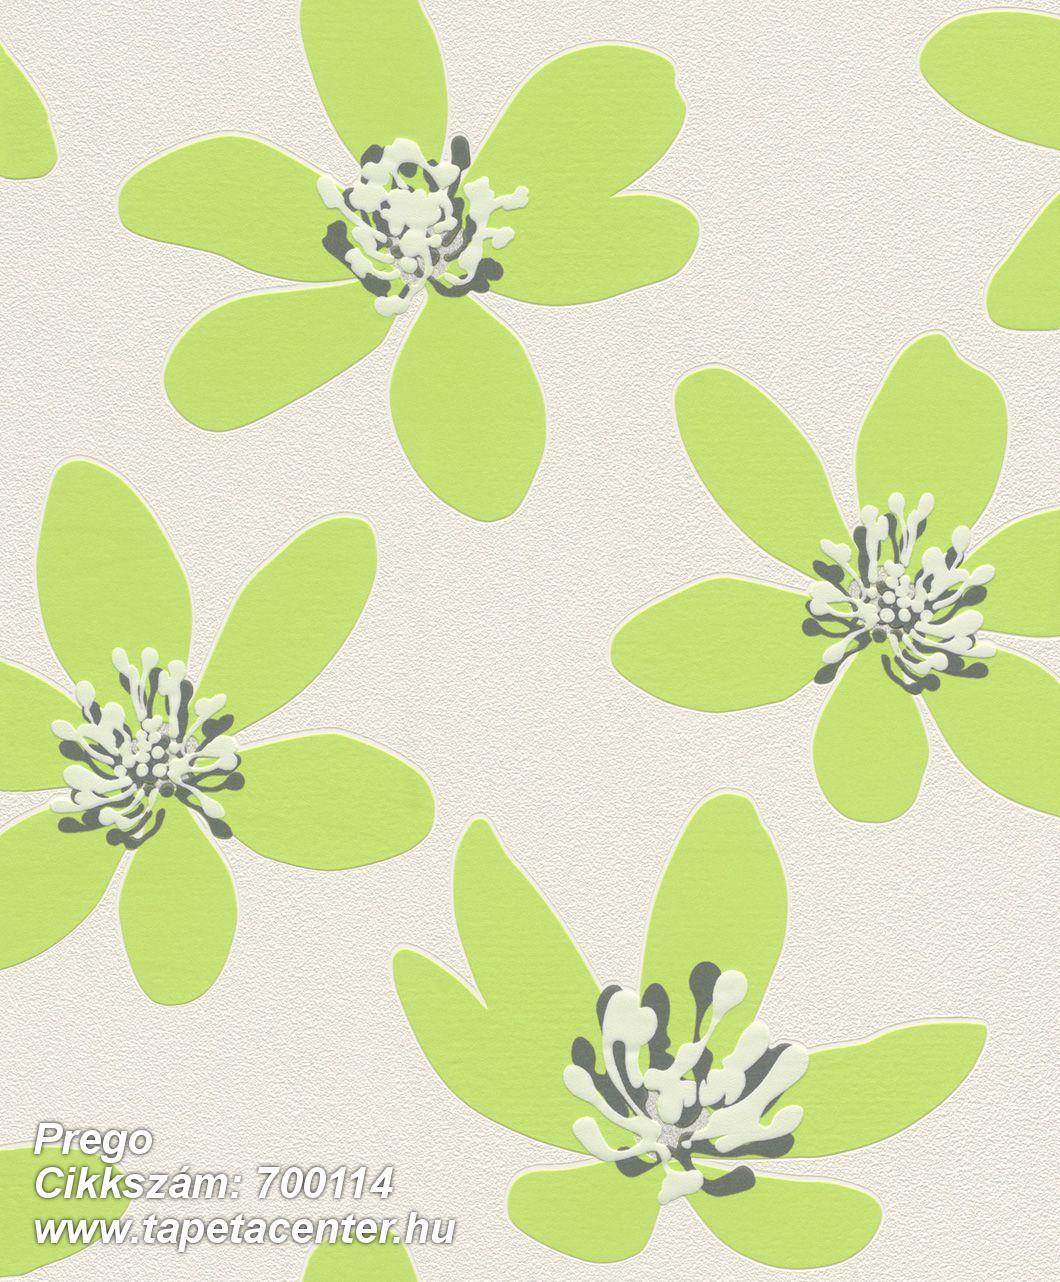 Gyerek,különleges felületű,retro,természeti mintás,virágmintás,fehér,fekete,szürke,zöld,lemosható,vlies tapéta